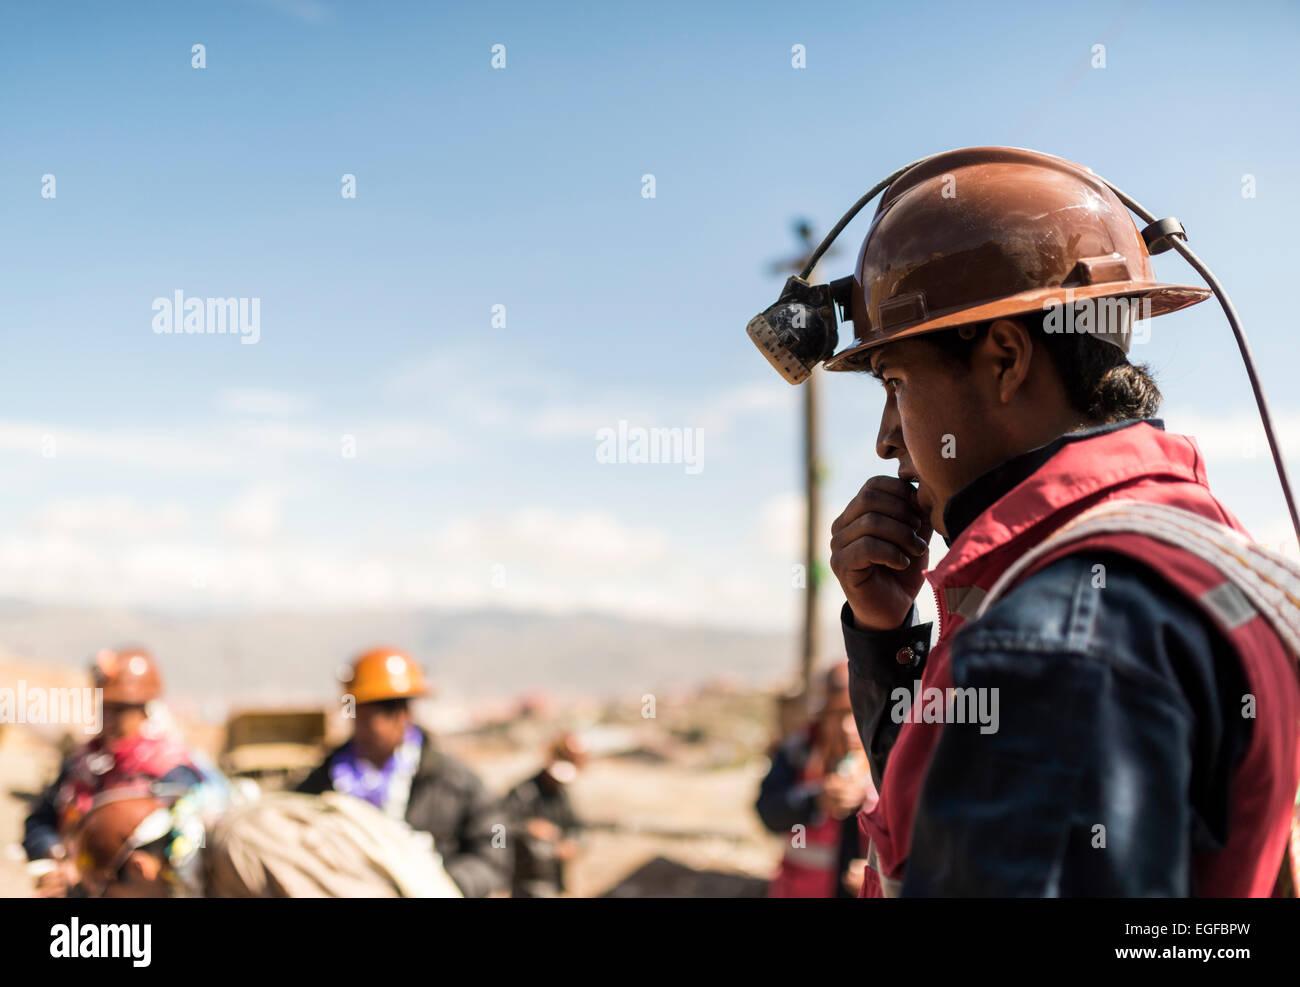 The Miners Carnival, Cerro Rico, Potosi, Southern Altiplano, Bolivia - Stock Image